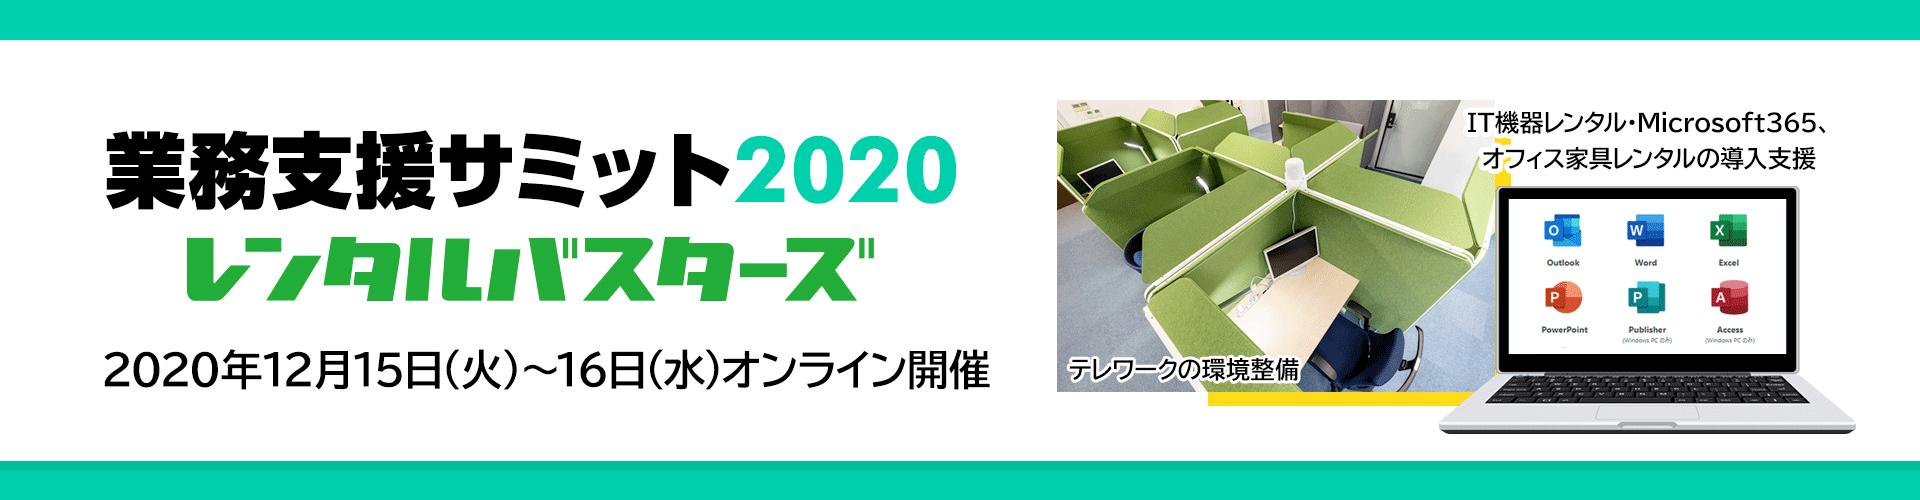 レンタルバスターズは、2020年12⽉15⽇(⽕)〜16⽇(⽔)に開催される【業務⽀援サミット2020】(DMM.com 主催)に出展します